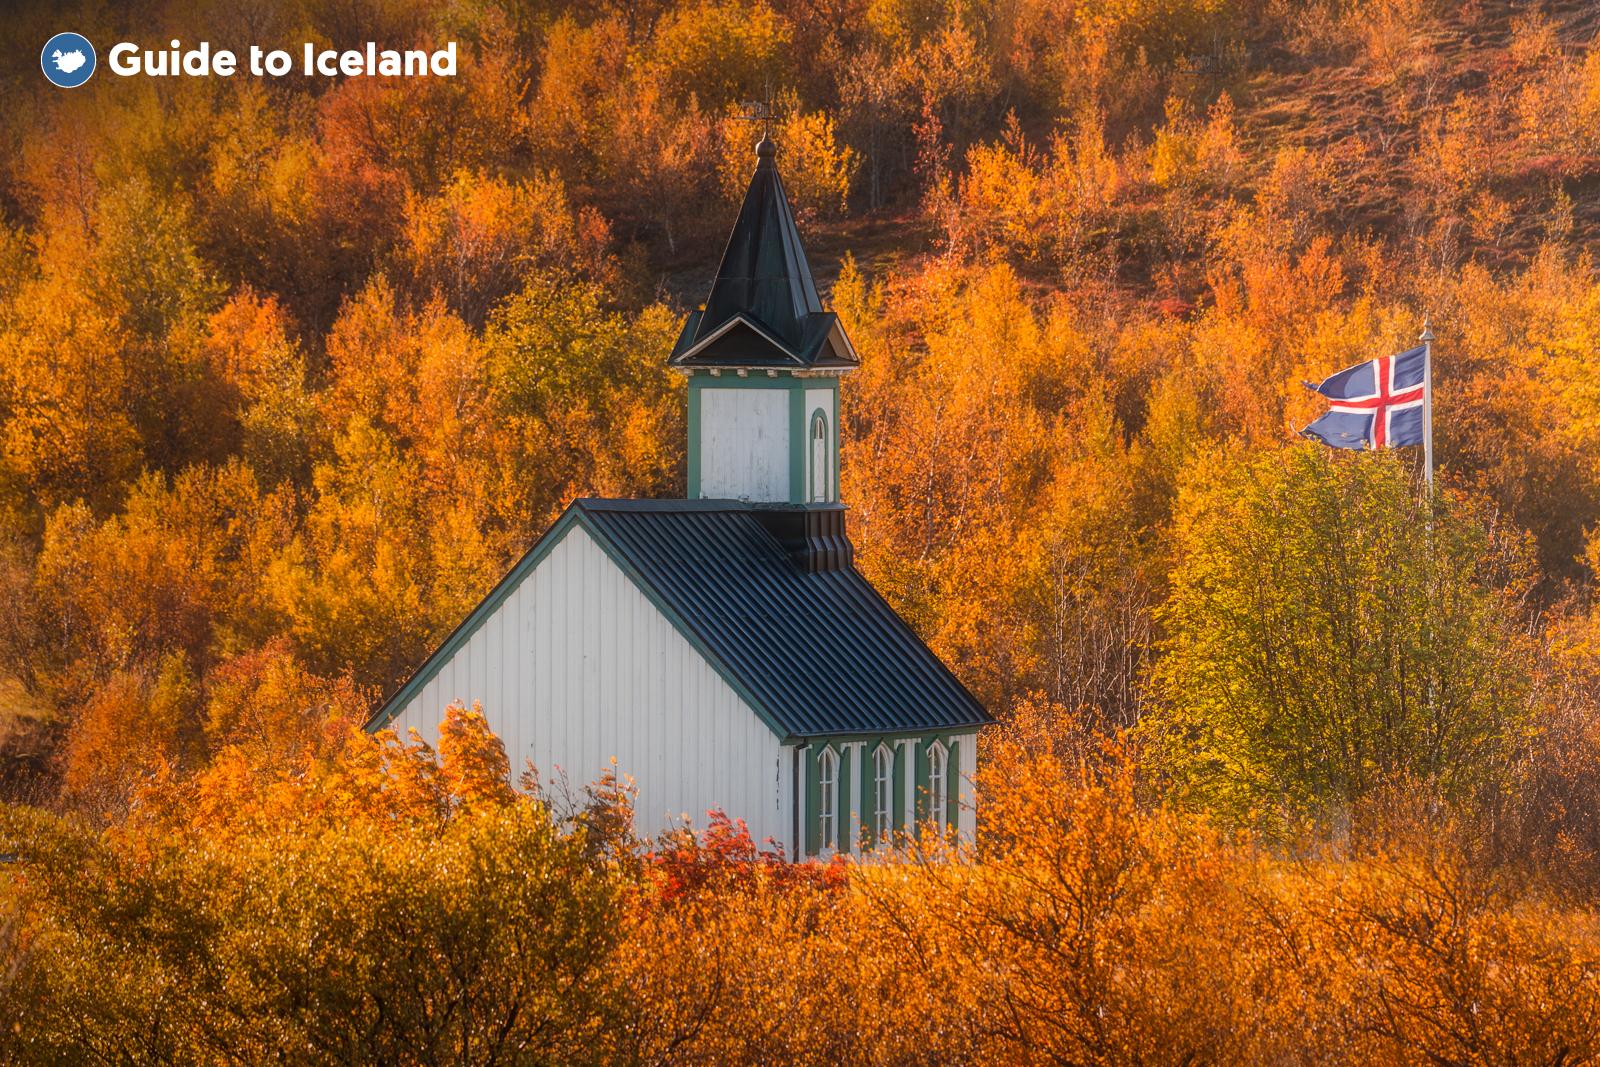 Ta en rundtur där du kör själv runt Gyllene cirkeln så kan du tillbringa så mycket tid på var och en av dessa platser som du vill. Om du exempelvis är intresserad av historia och geologi kanske du vill vara längre i Þingvellir nationalpark.